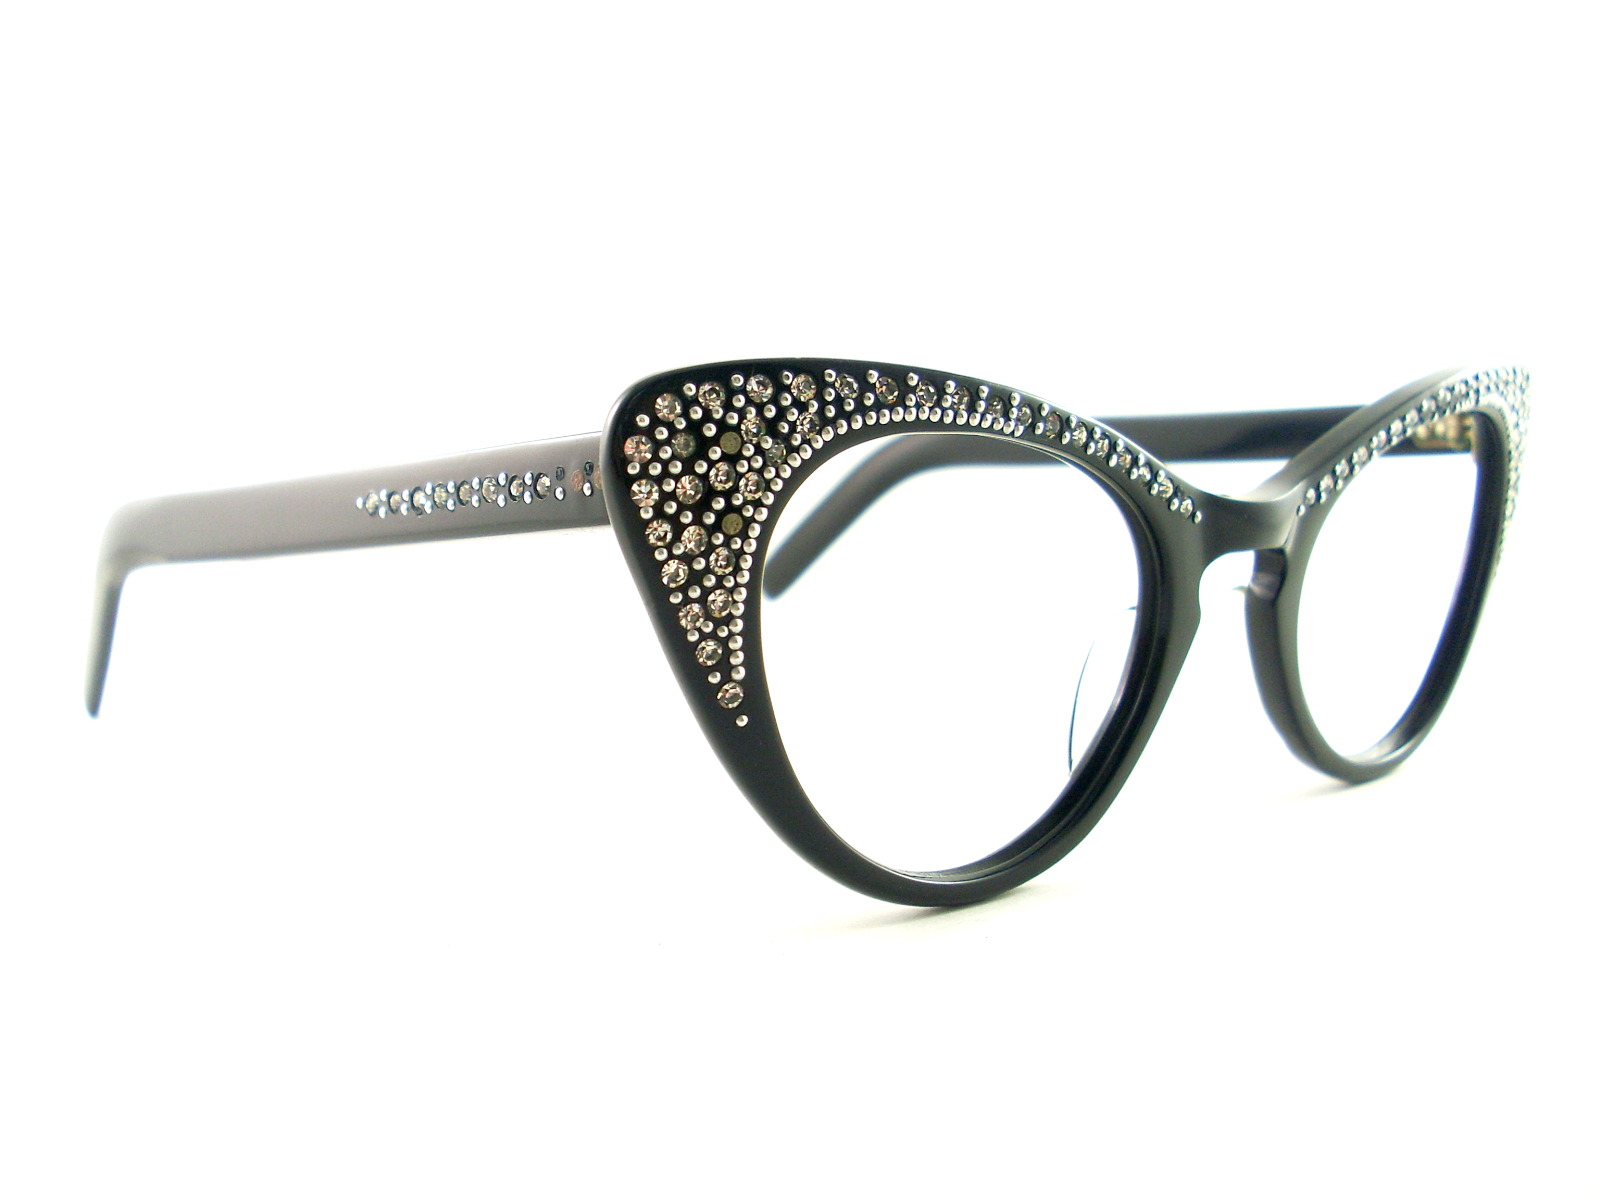 Vintage Eyeglasses Frames Eyewear Sunglasses 50s January 2016